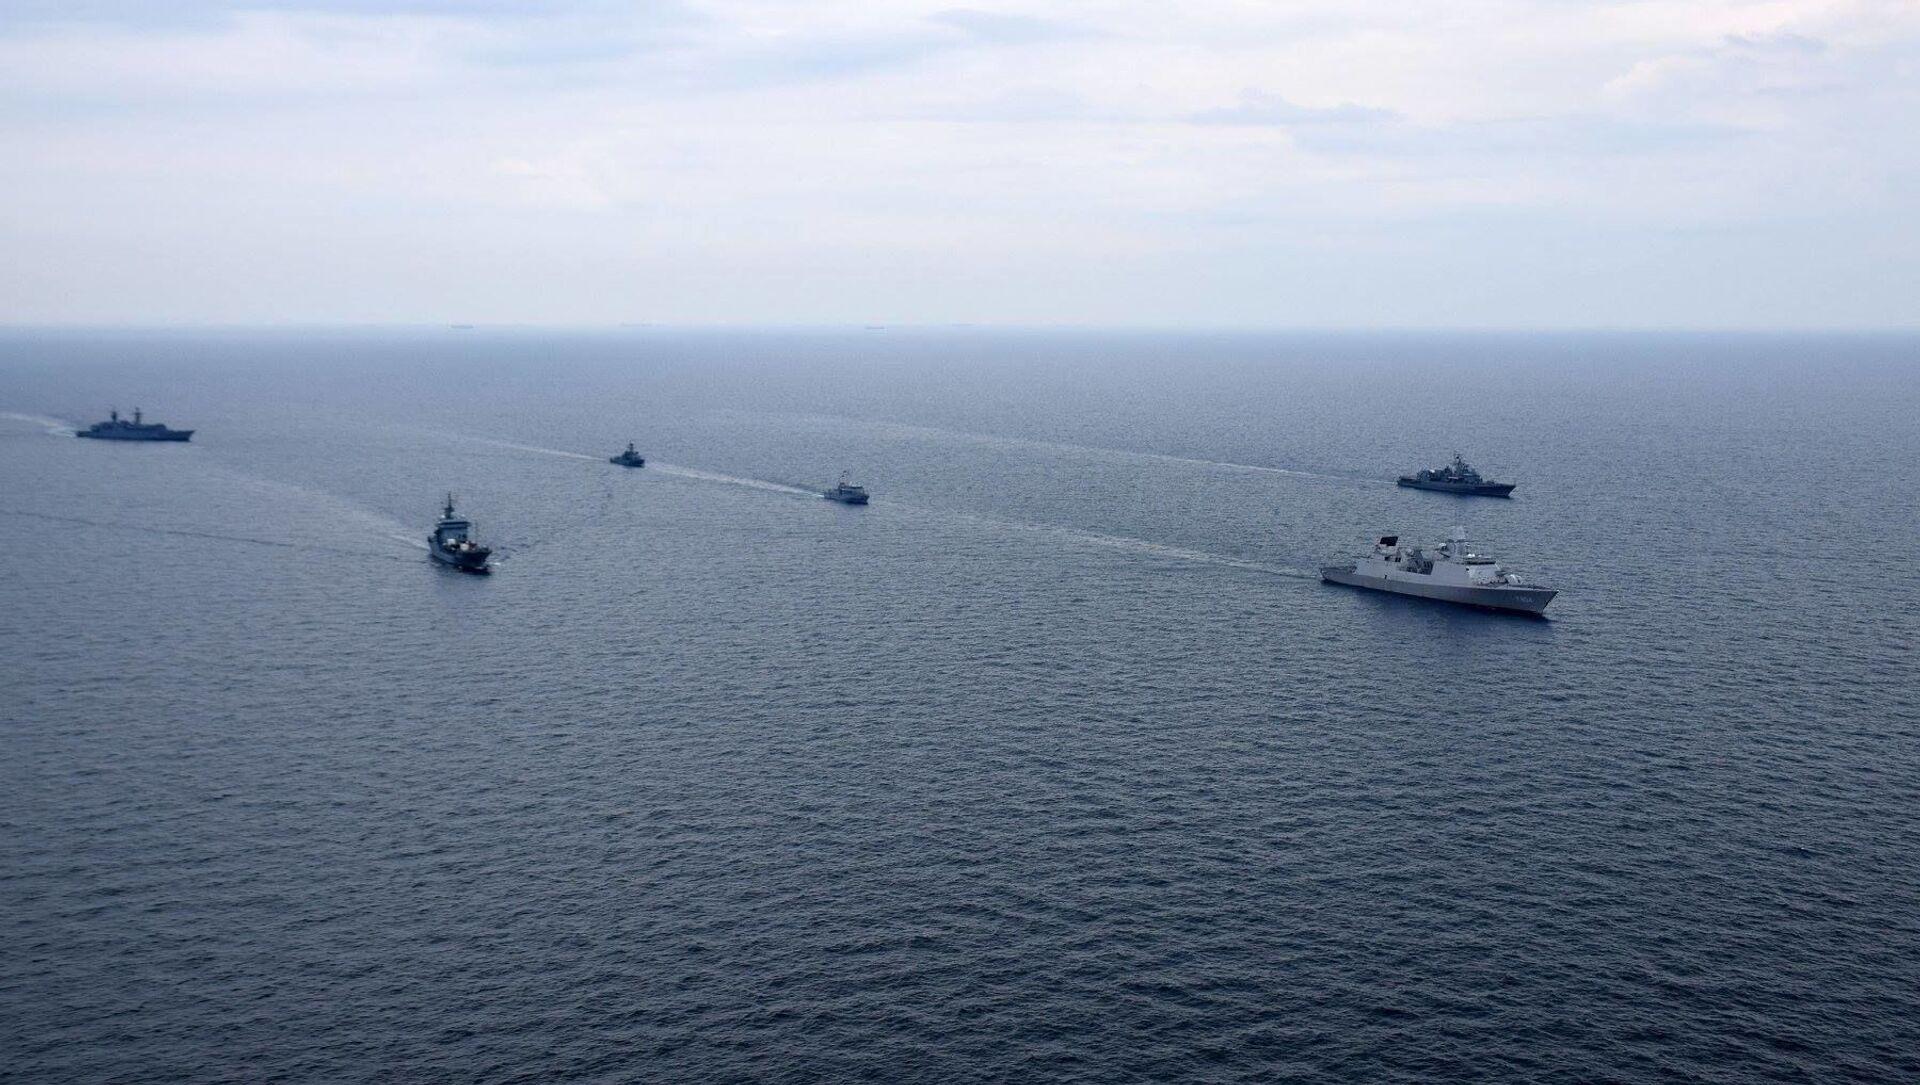 Заједничке вежбе украјинске морнарице и бродова НАТО на Црном мору - Sputnik Србија, 1920, 08.05.2021